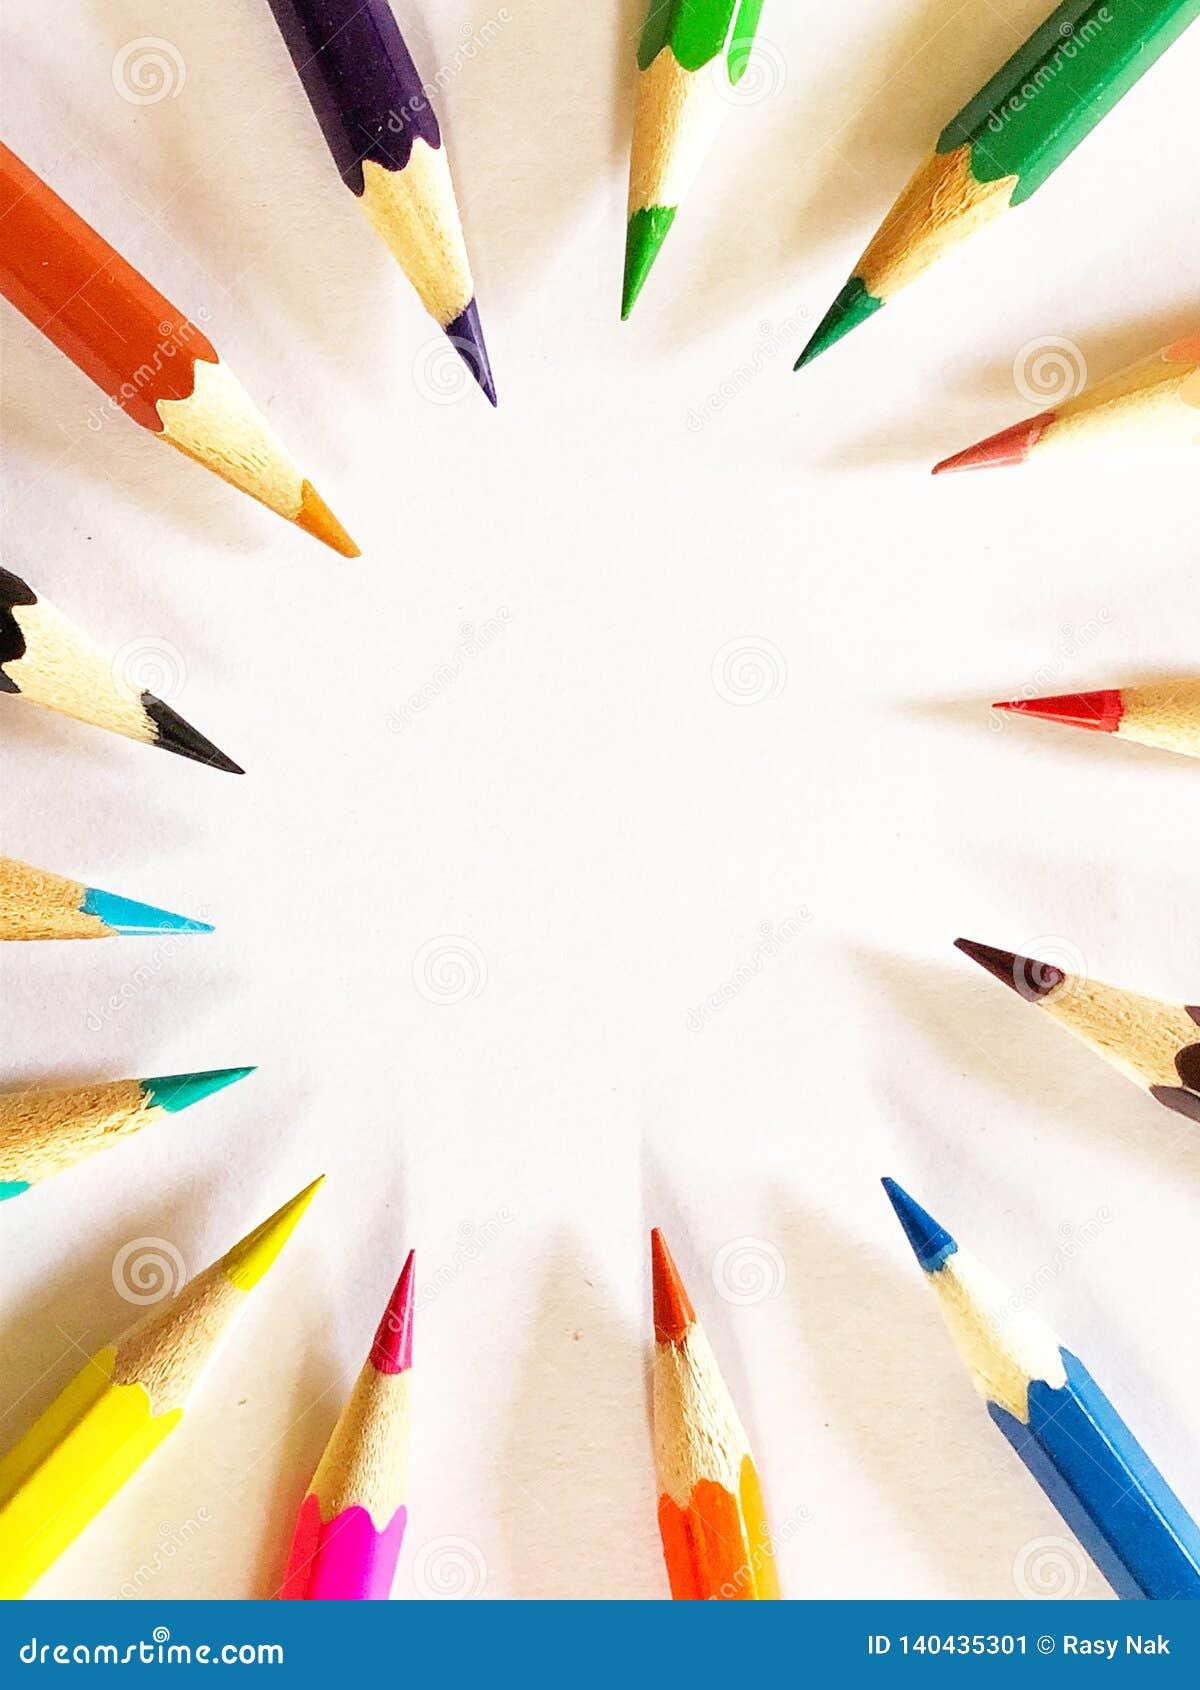 Ζωηρόχρωμα μολύβια με τις διαφορετικές κατευθύνσεις